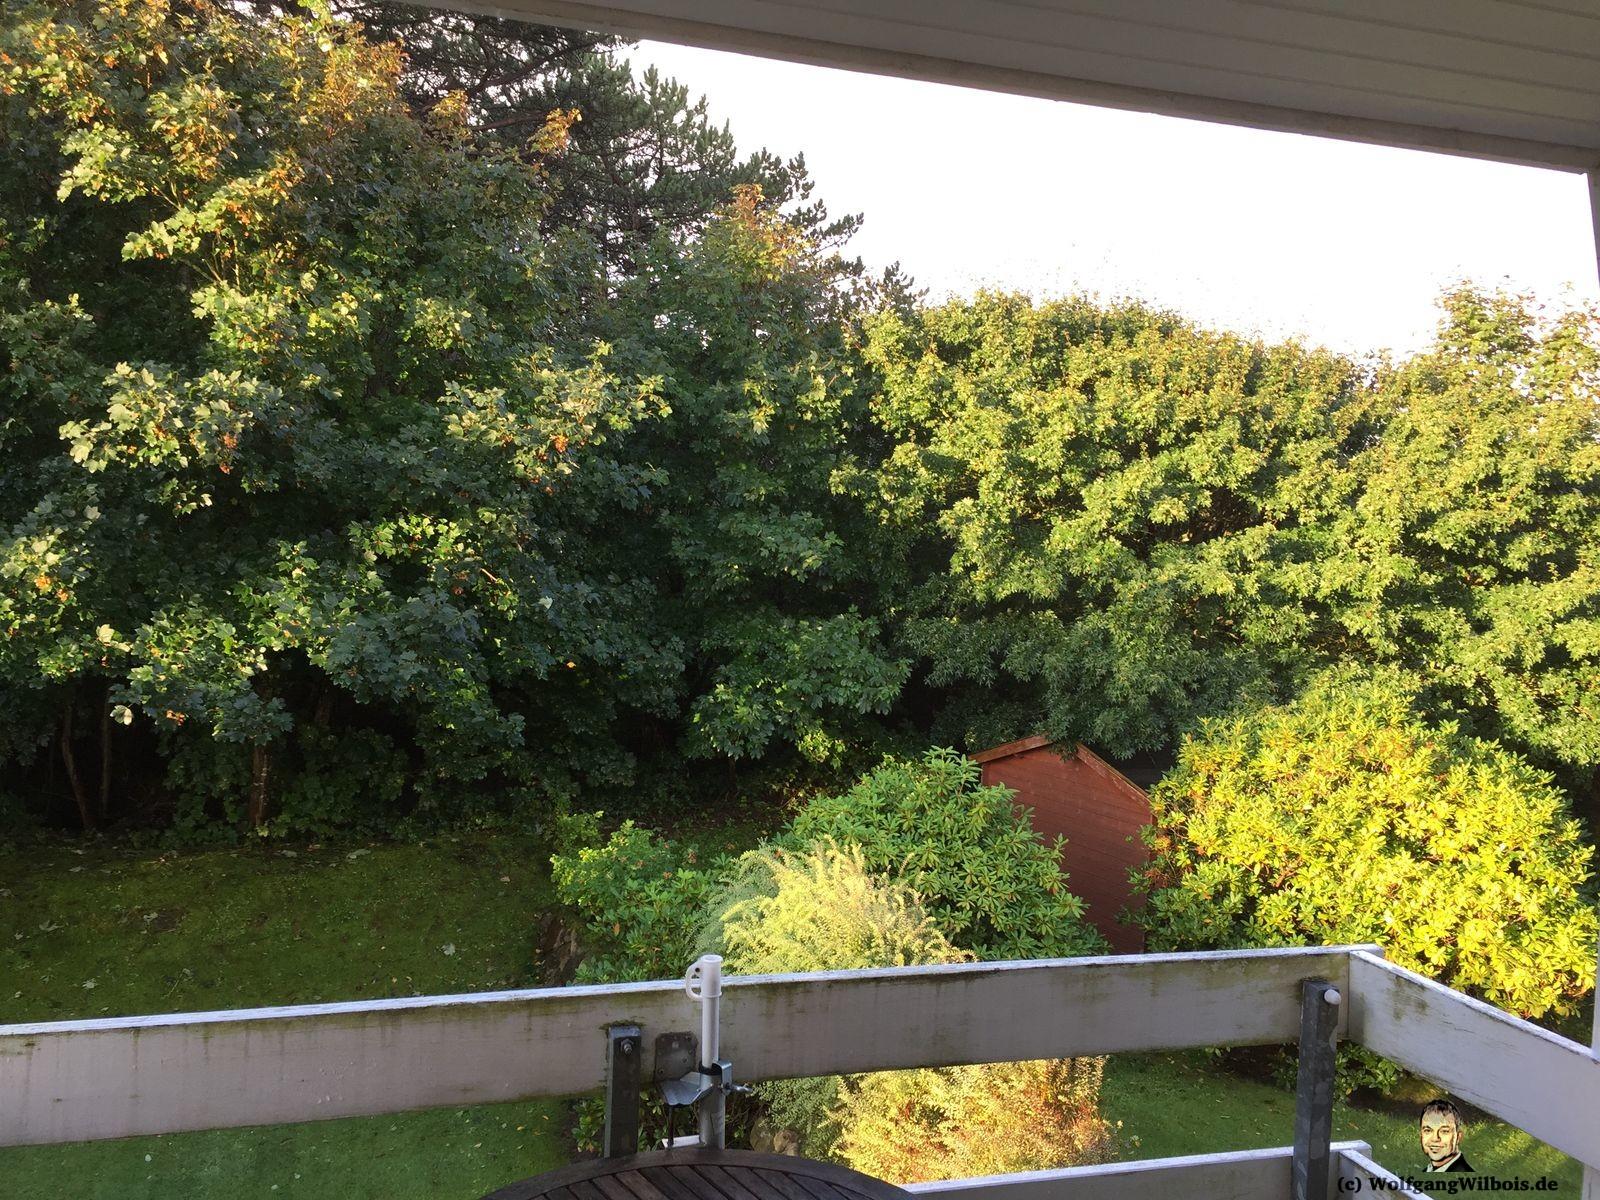 Ferienwohnung Sylt Blick Balkon